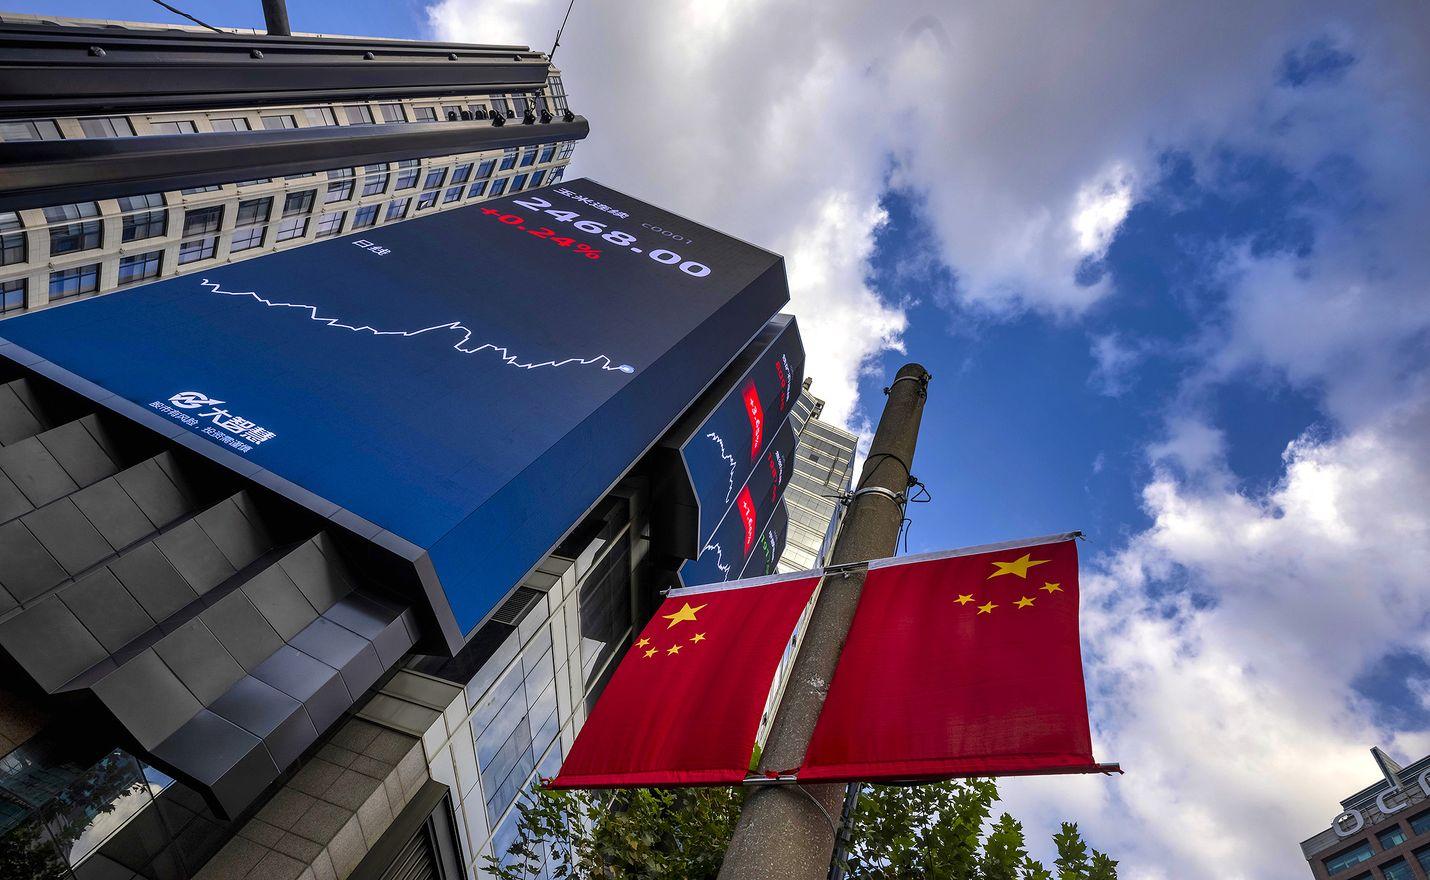 Kiina ja Ruotsi ovat ottaneet useaan otteeseen yhteen viime vuosina.